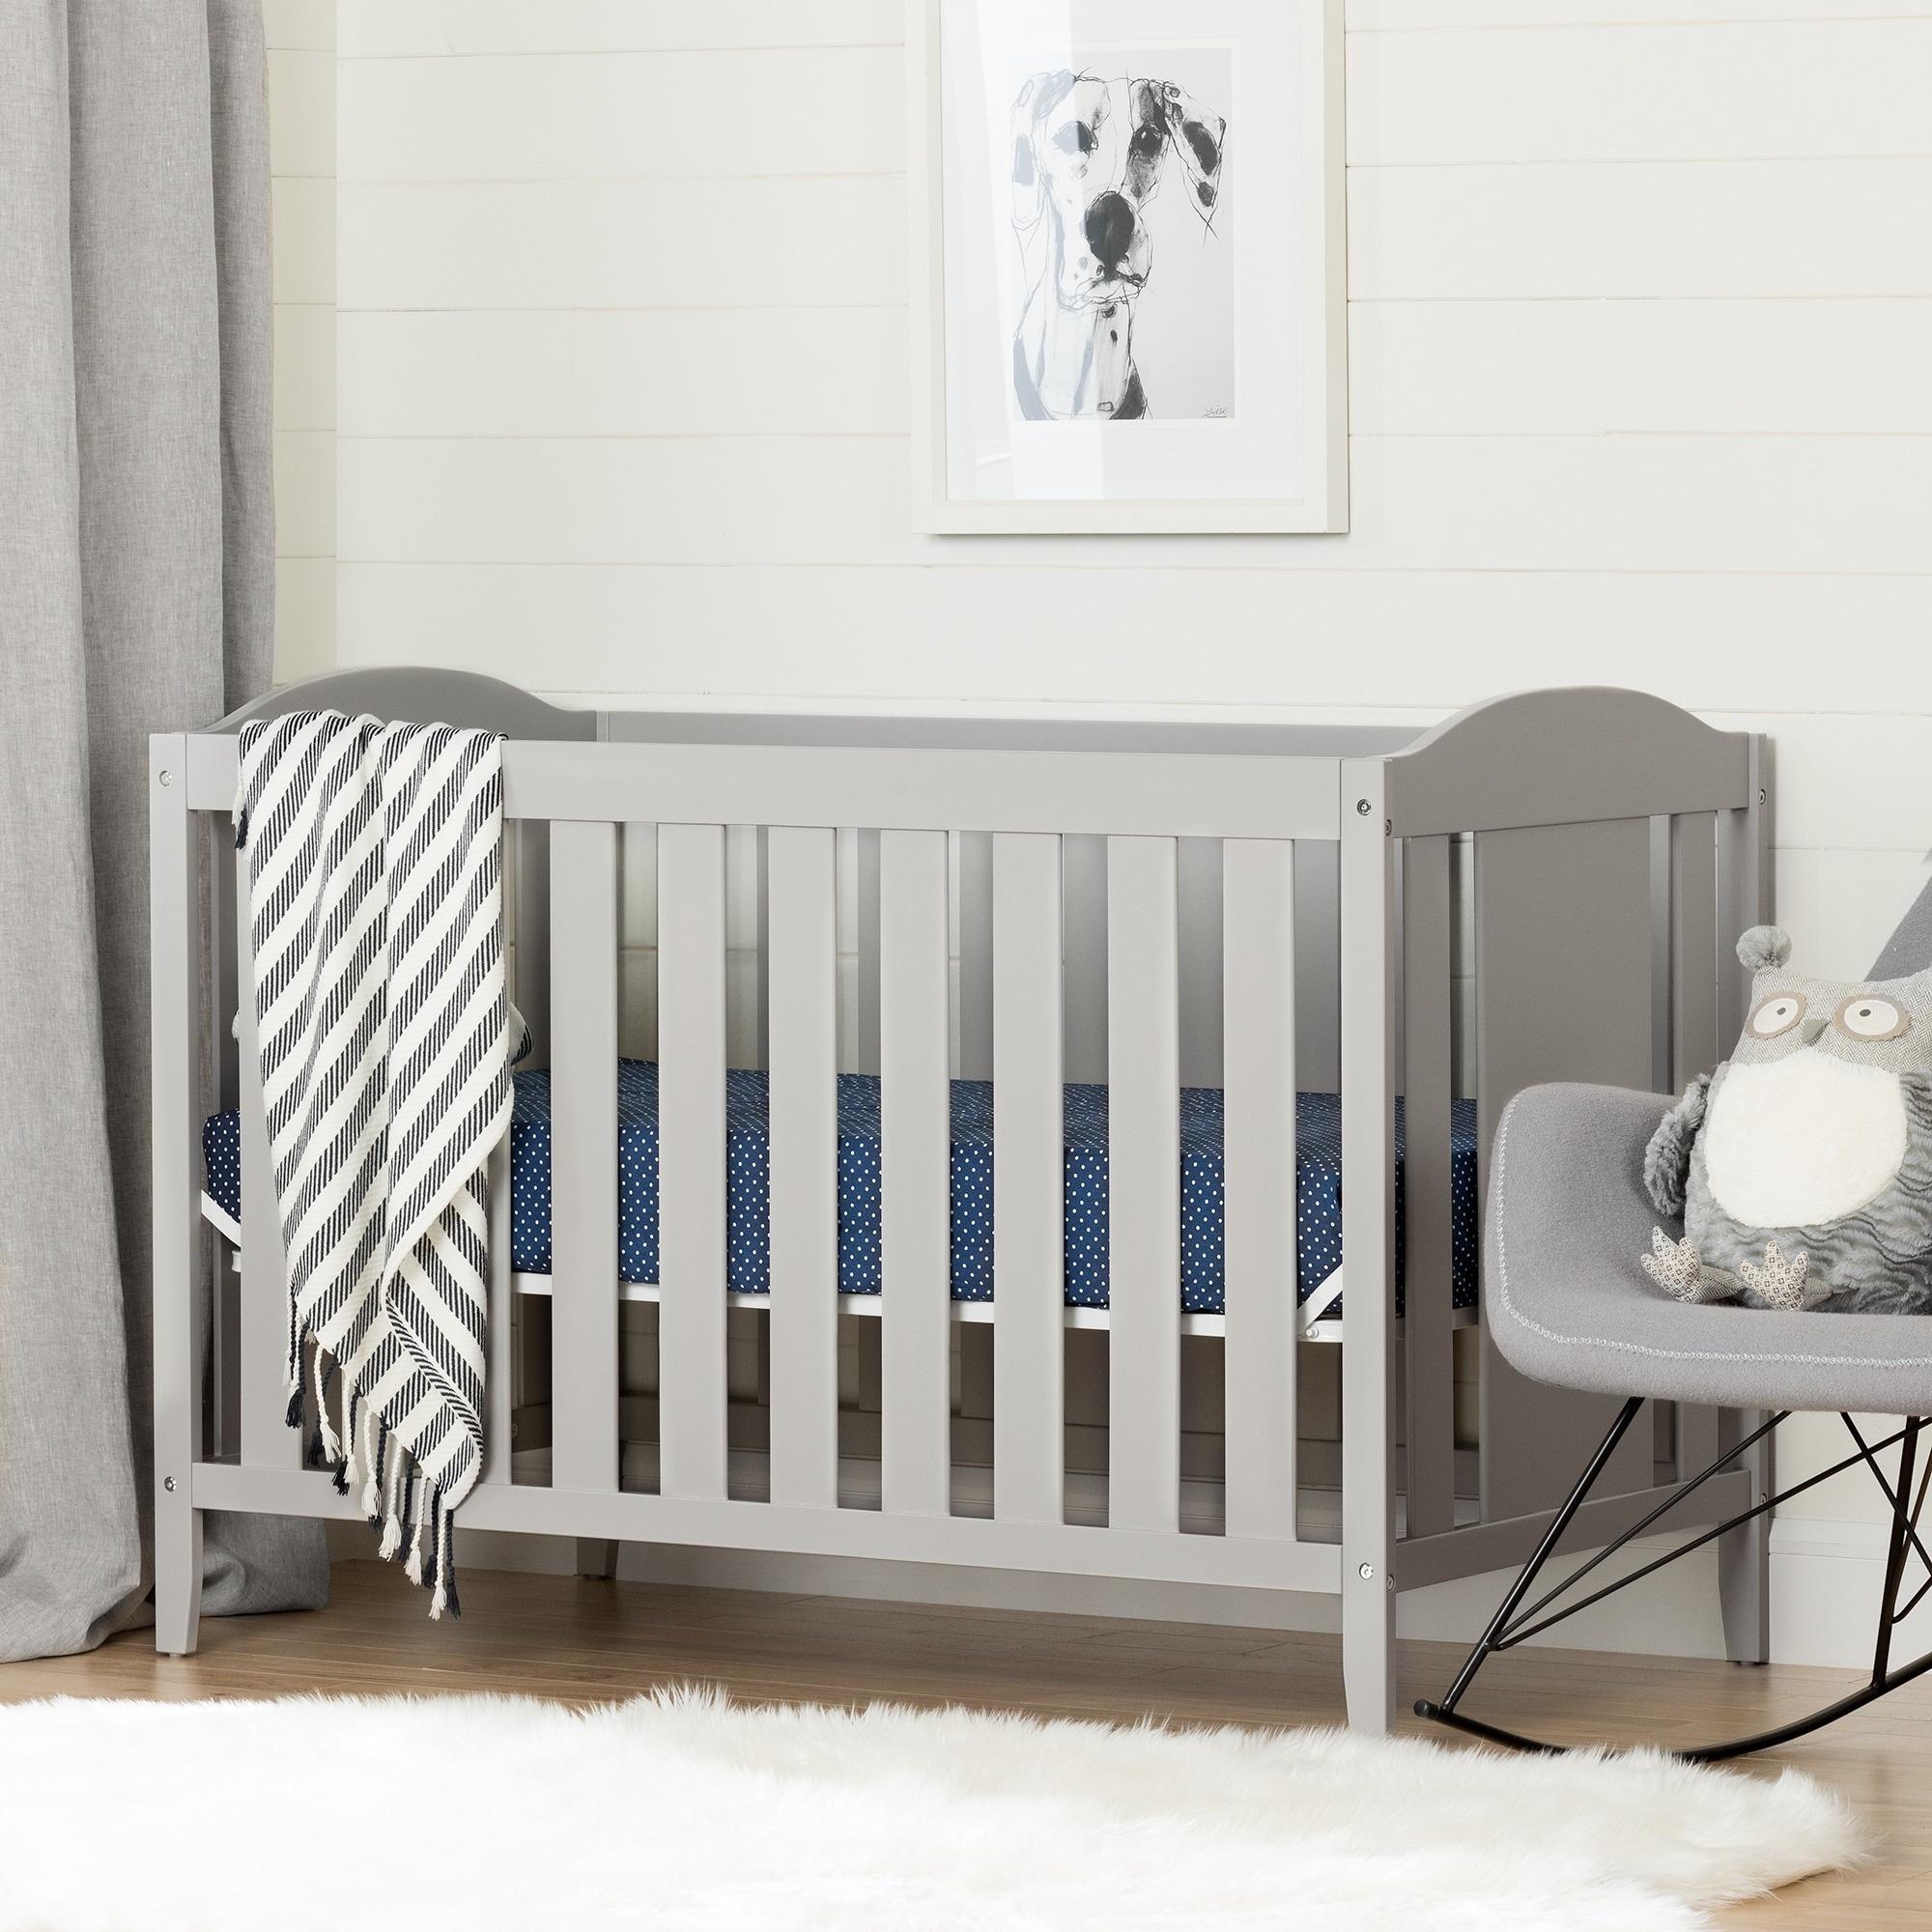 core cover with crib dry pure mattress organic origami toxic babyletto non mini